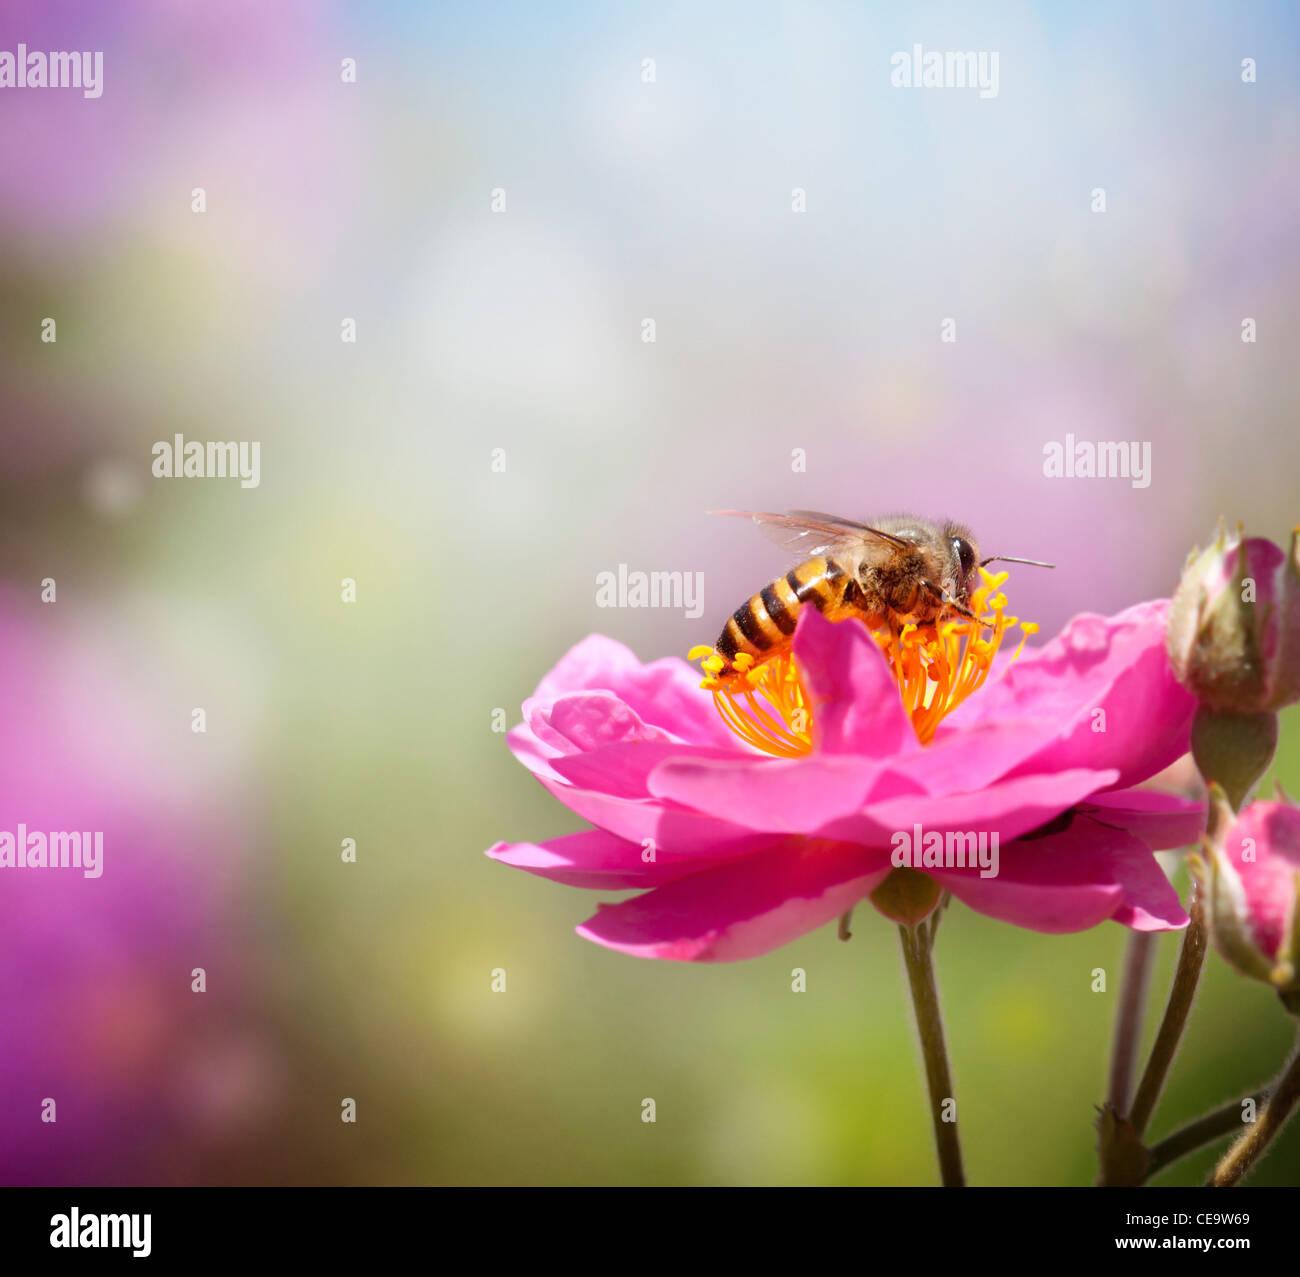 Gros plan sur la récolte du miel d'abeille fleur rose Photo Stock